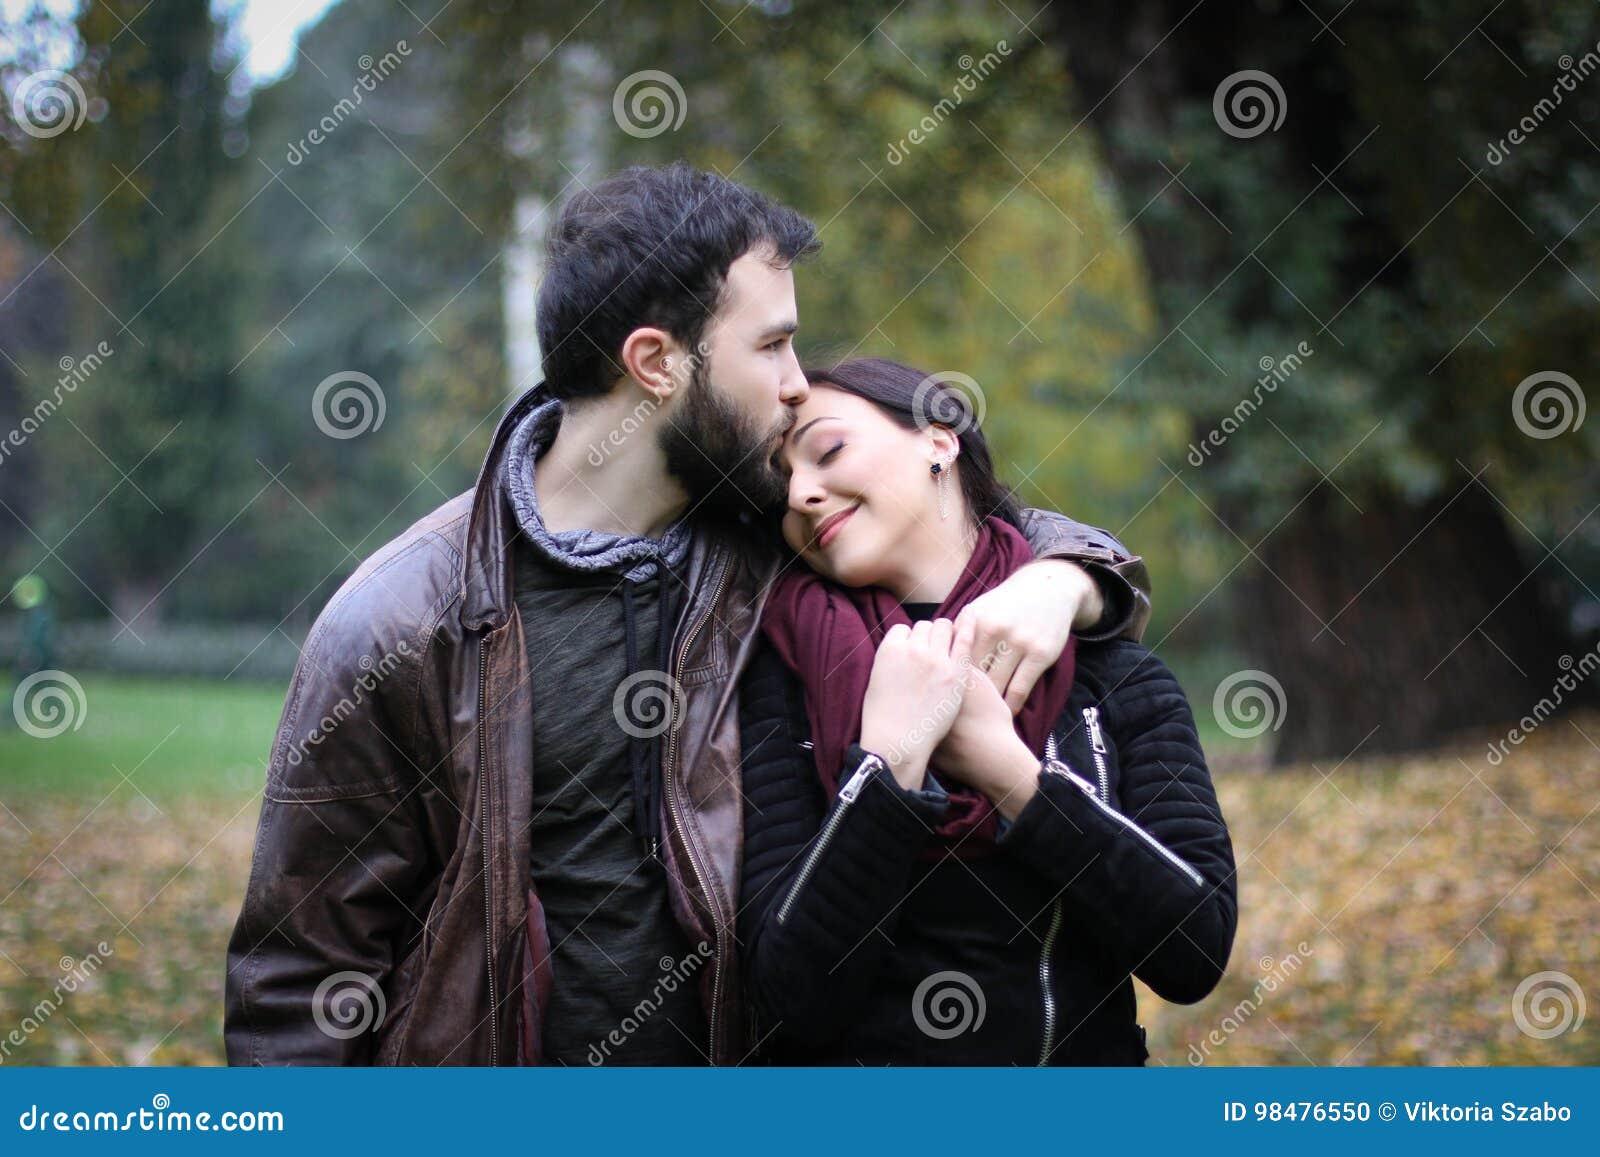 hånd posisjon dating